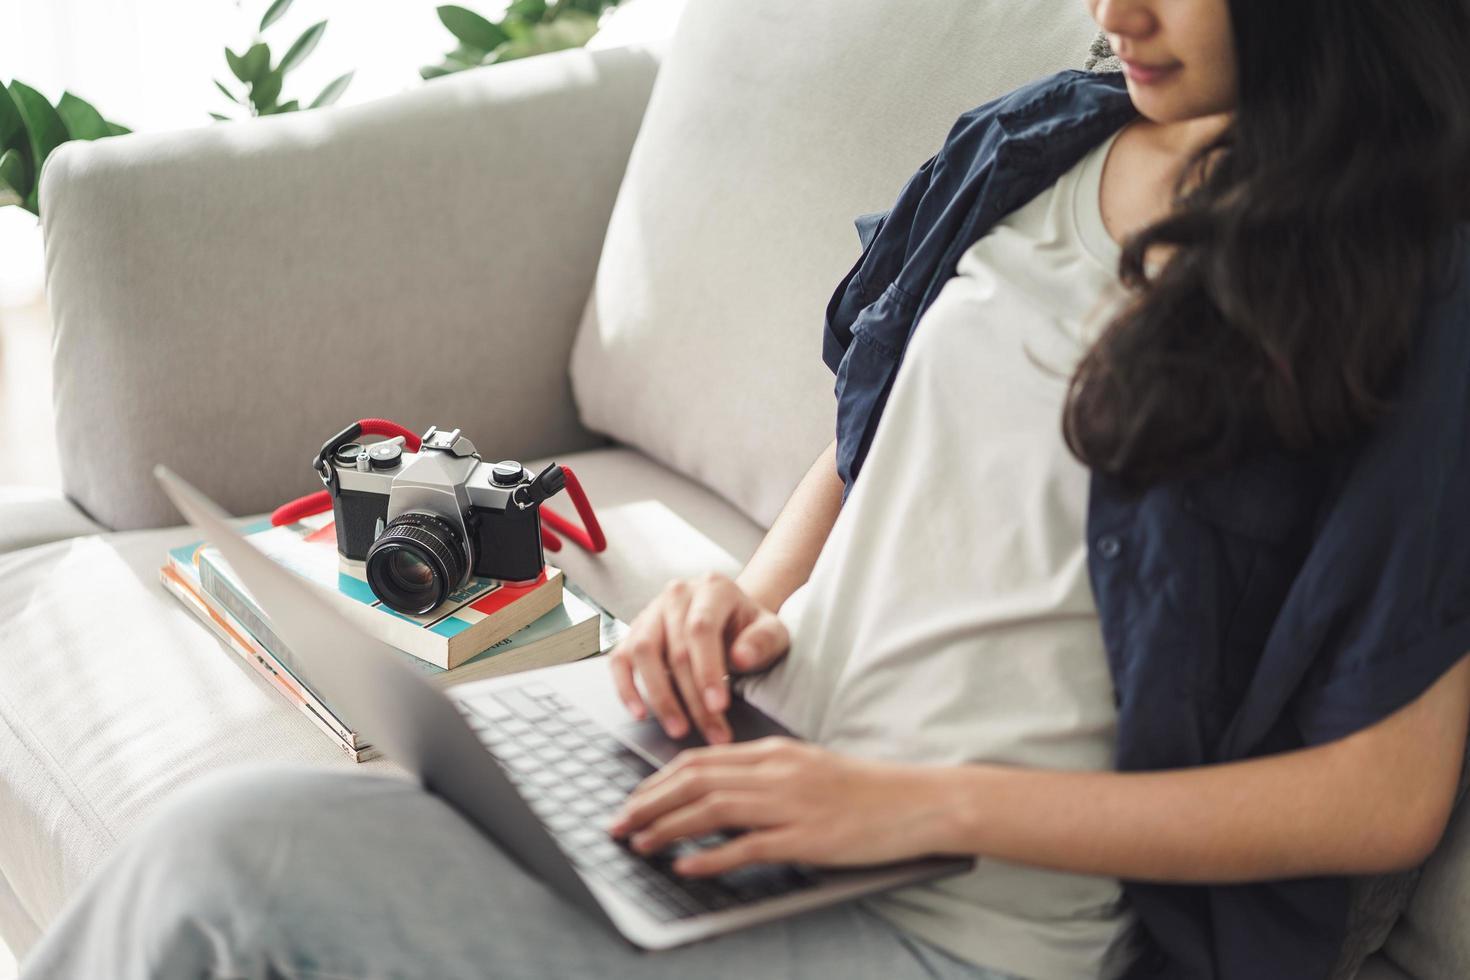 photographe asiatique assise sur le canapé à l'aide de l'ordinateur portable pour travailler avec un appareil photo reflex à la maison, concept d'employé créatif et indépendant.